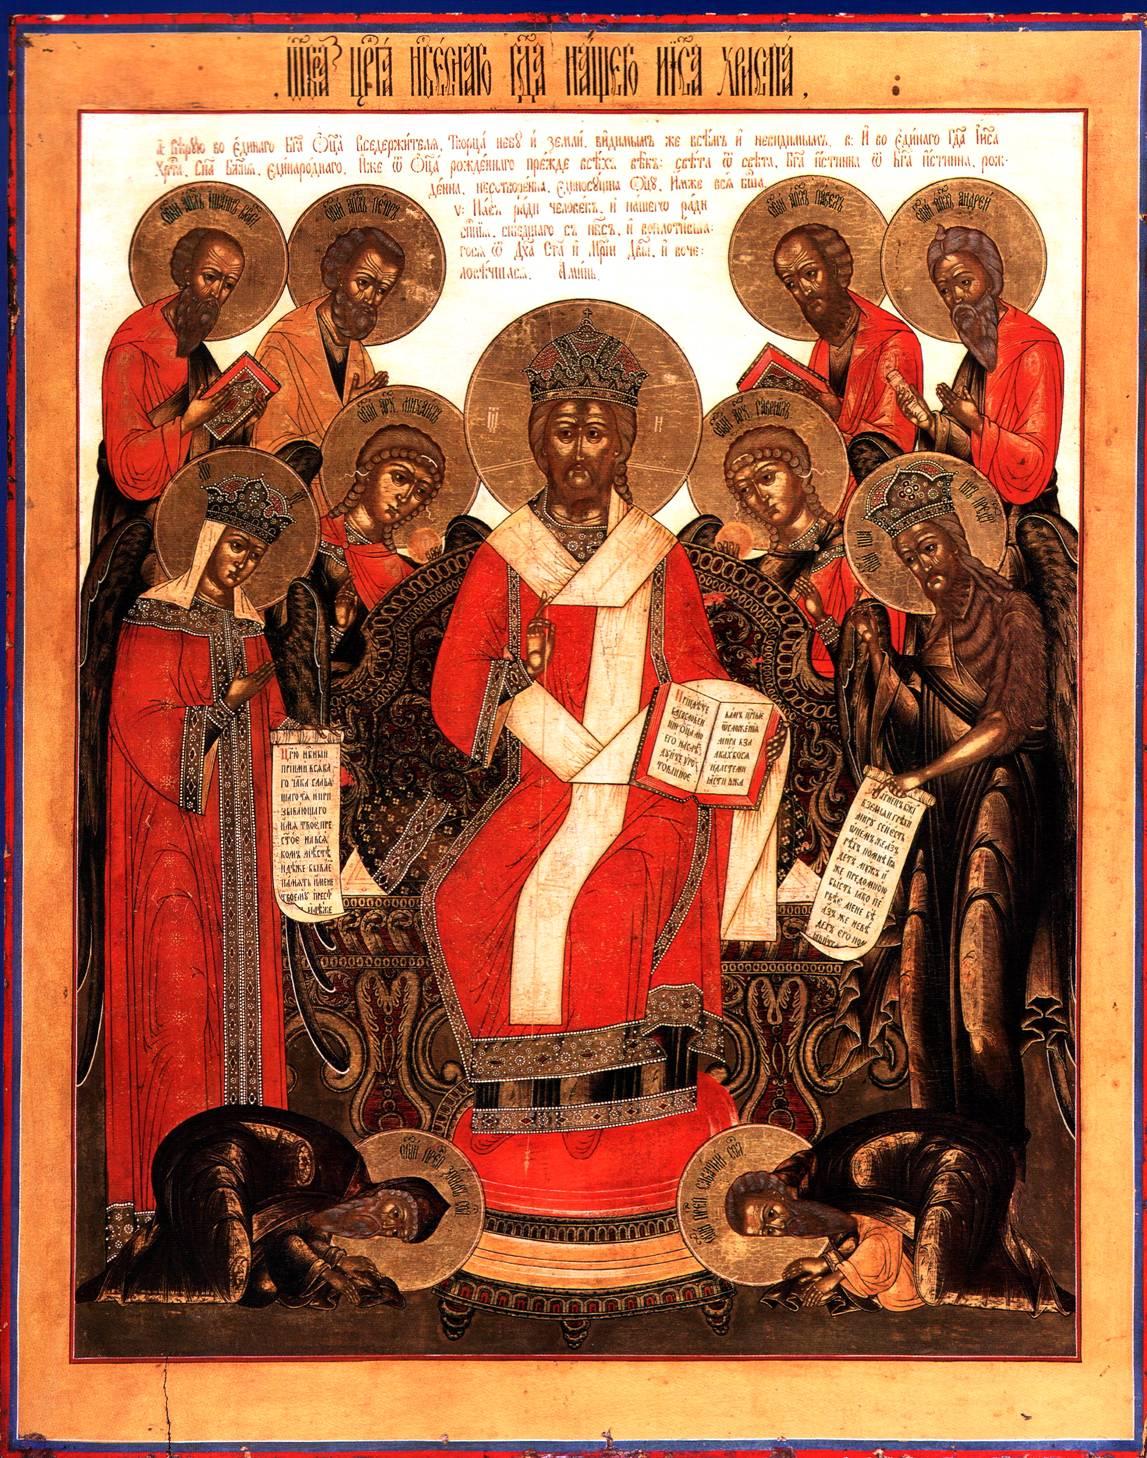 Царь царем (Царь царей) — особый эпитет Христа, заимствованный из Апокалипсиса (Откр.19:11-17), а также иконографический тип, изображающий Иисуса Христа как «Царя царствующих и Господа господствующих» (1Тим.6:15). Самостоятельные иконы Царя царем встречаются редко, чаще подобные изображения входят в состав особой деисусной композиции. Обычно Христос изображается в окружении мандорлы, в царском одеянии, со множеством диадем на голове, образующих тиару, со скипетром, завершающимся крестом, в левой руке, от левого плеча в сторону («из уст») направлен меч. Иногда символические атрибуты Царя Царей изображаются и на образе смешанной иконографии «Архиерей Великий — Царь Царей»[4].